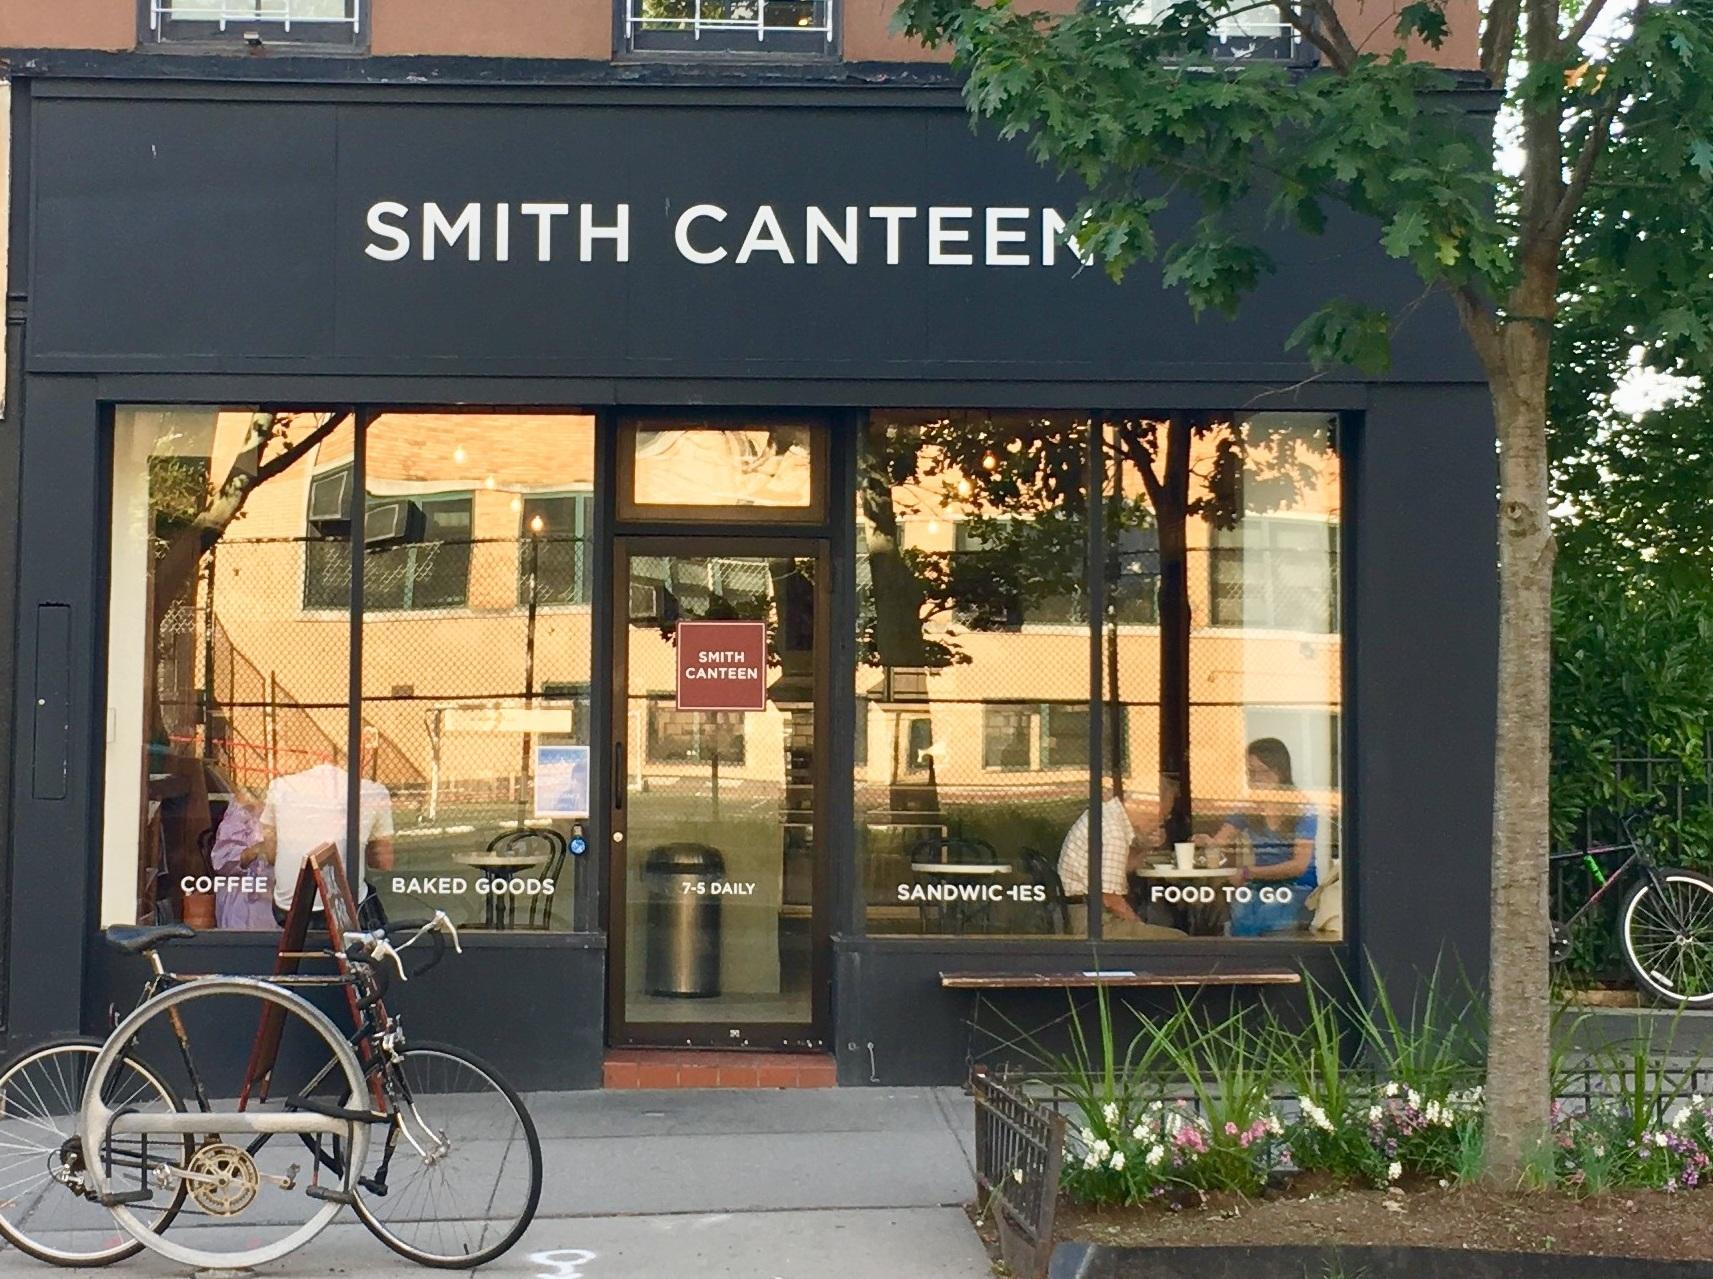 Smith Canteen